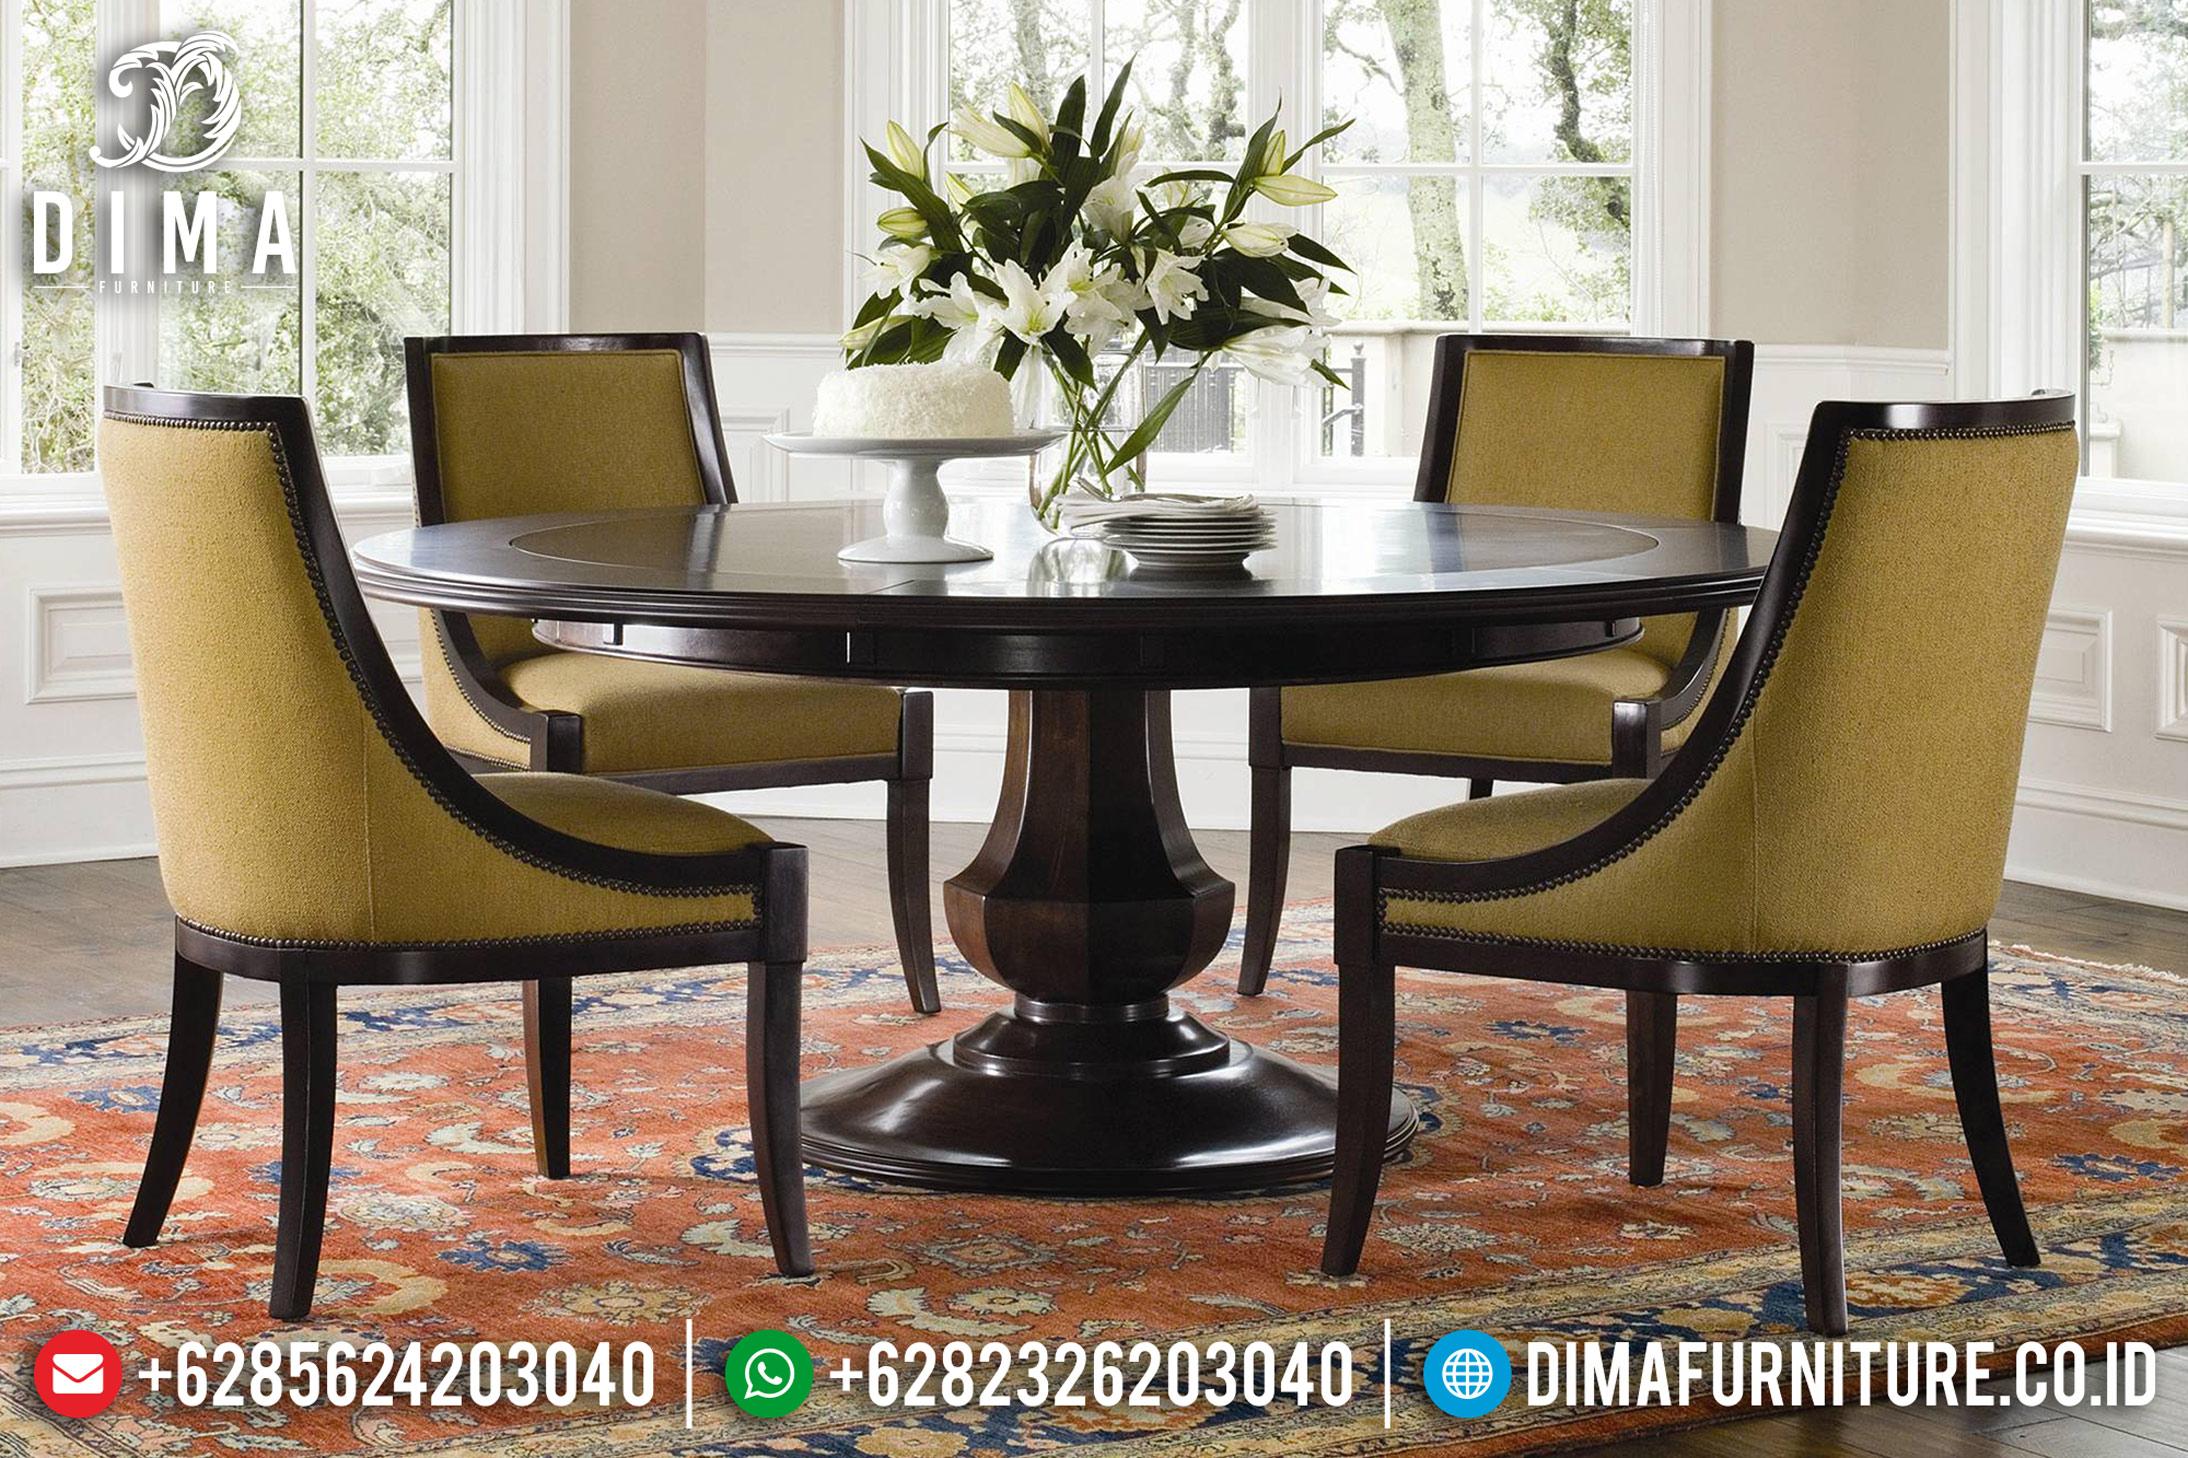 Meja Makan Minimalis, Set Meja Makan Jepara, Kursi Makan Jati TPK MM-0394